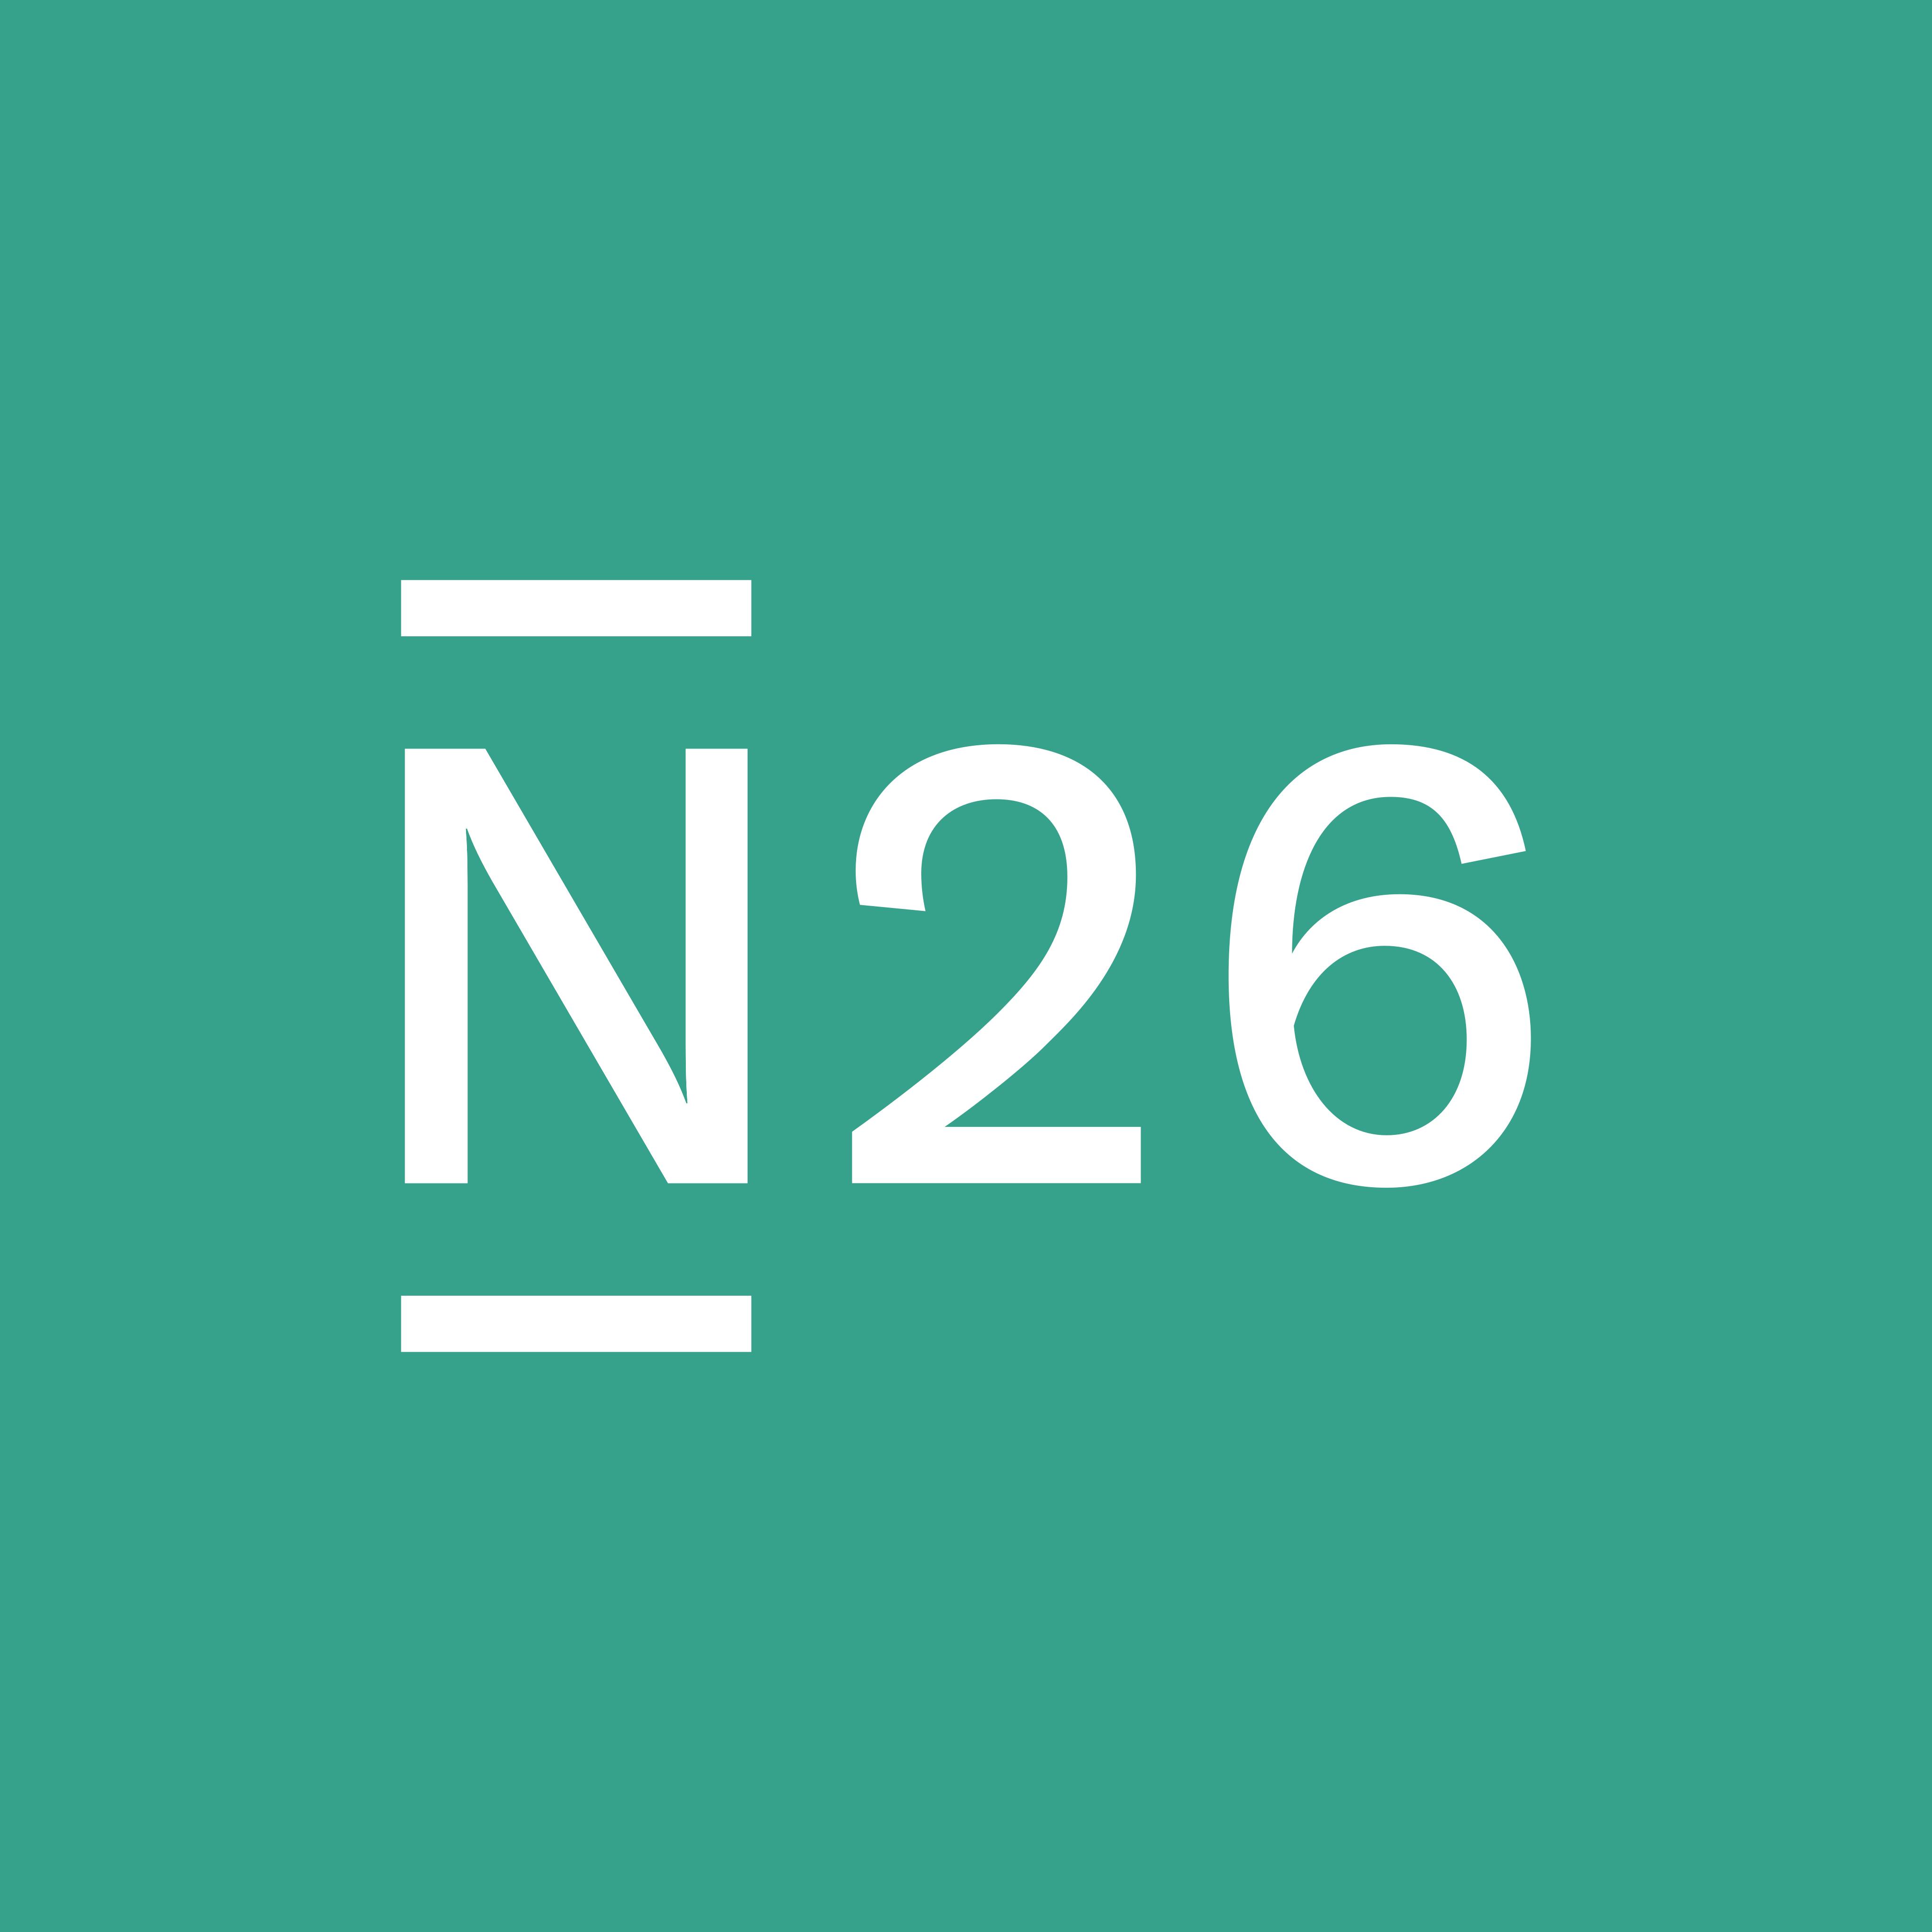 n26 logo - N26 Logo